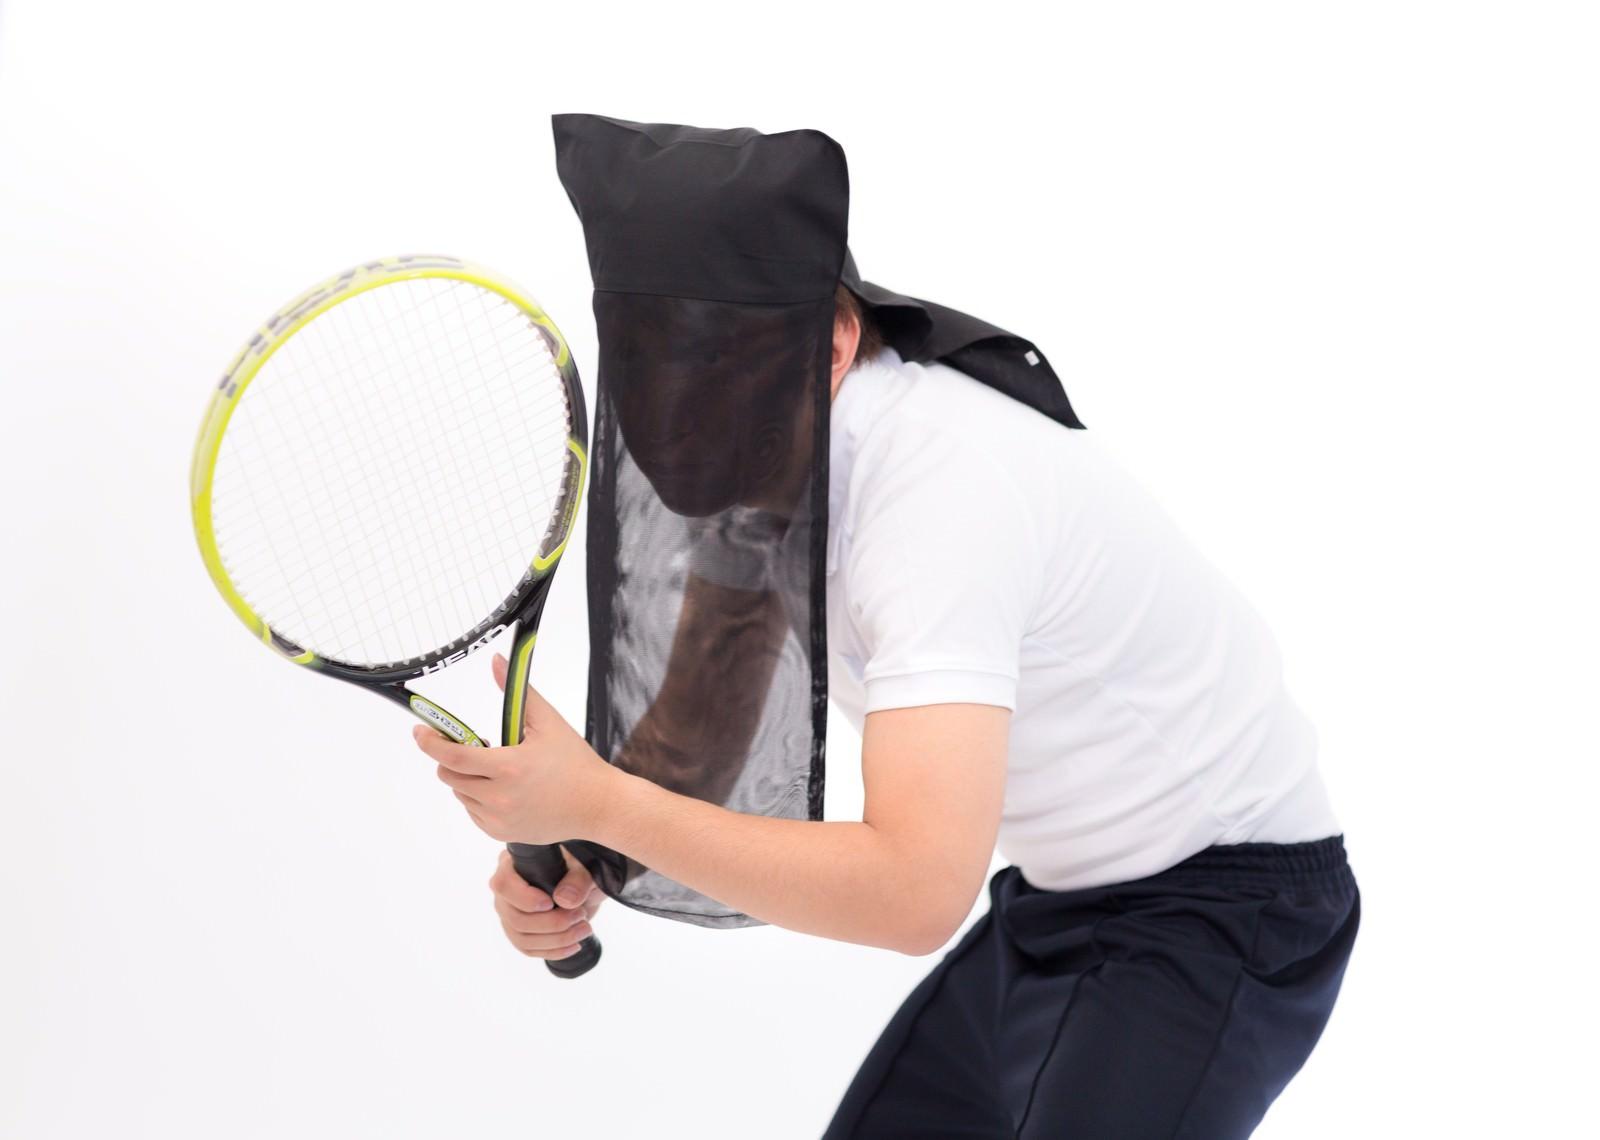 「黒子のテニス(黒子ゾーン)黒子のテニス(黒子ゾーン)」[モデル:鈴木秀]のフリー写真素材を拡大